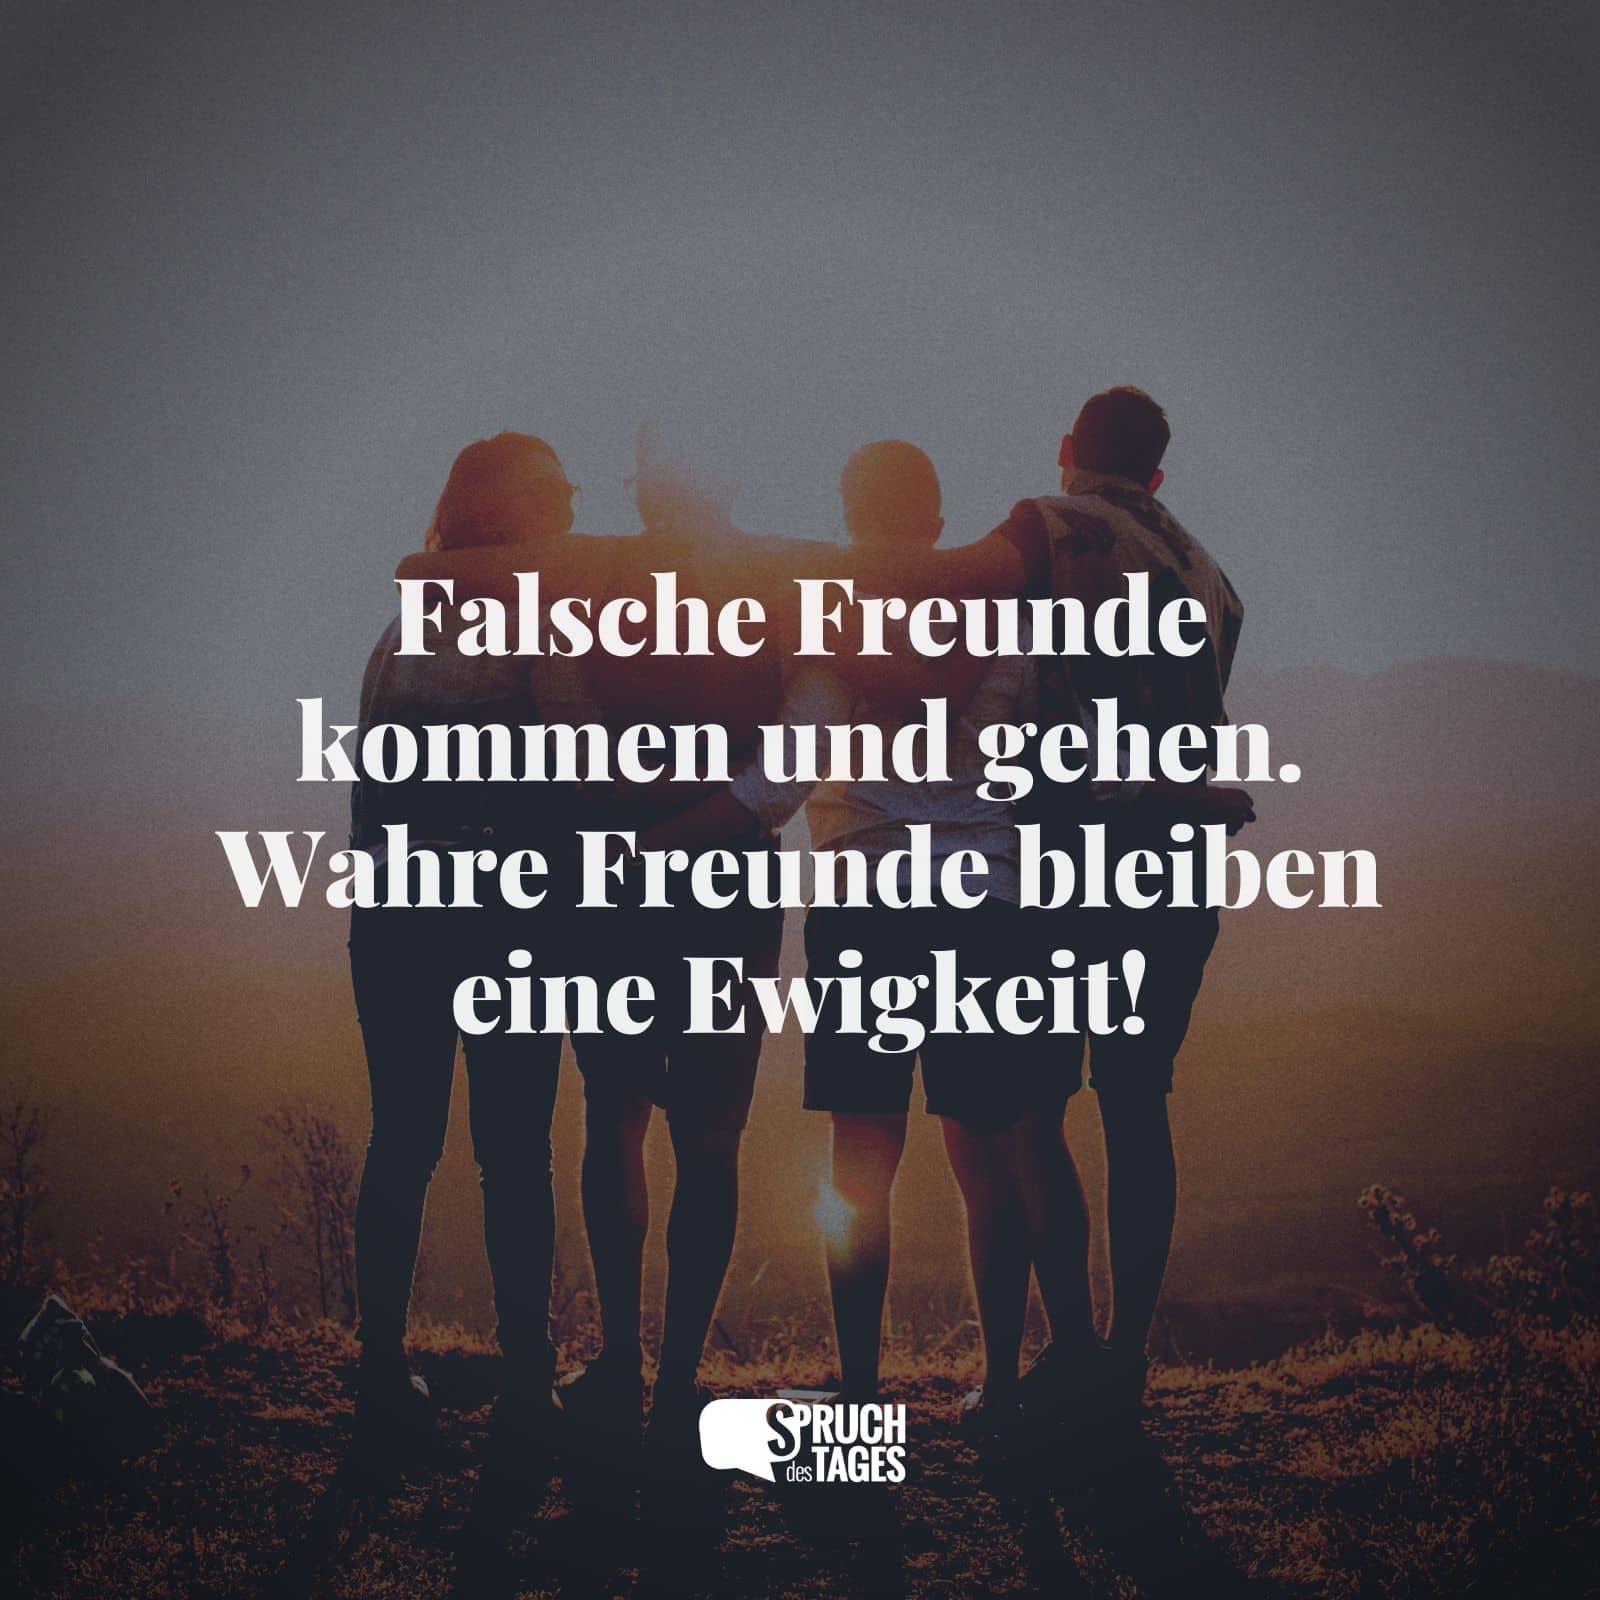 Falsche Freunde kommen und gehen. Wahre Freunde bleiben eine Ewigkeit!